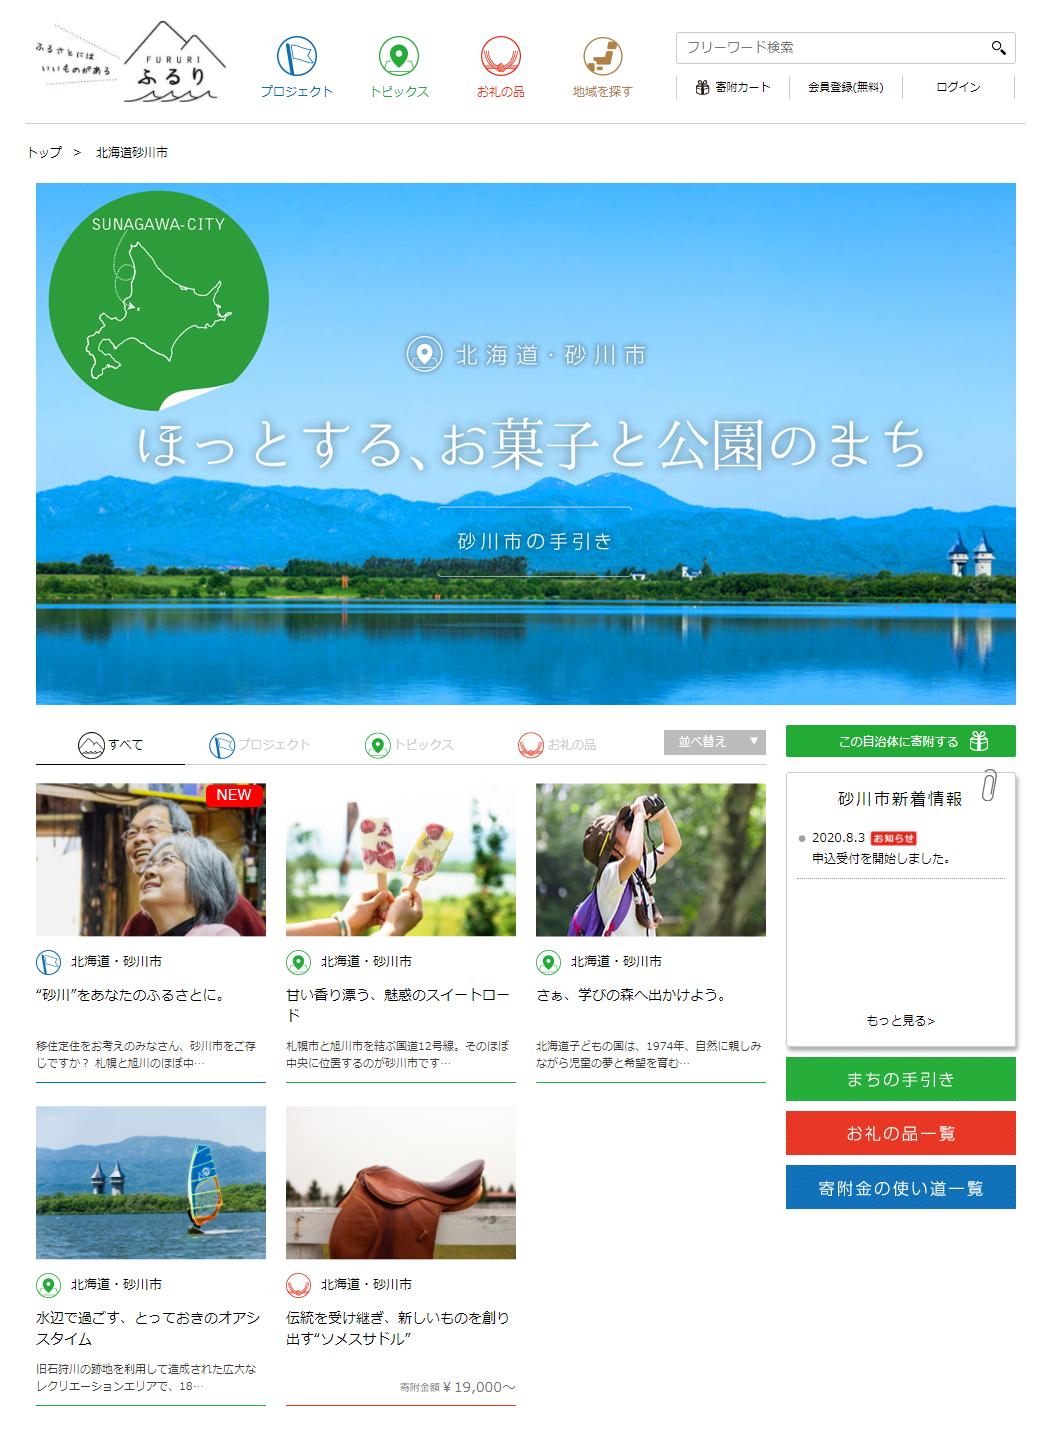 北海道砂川市のふるさと納税ページ|ふるさと納税「ふるり」 - fururi.jp